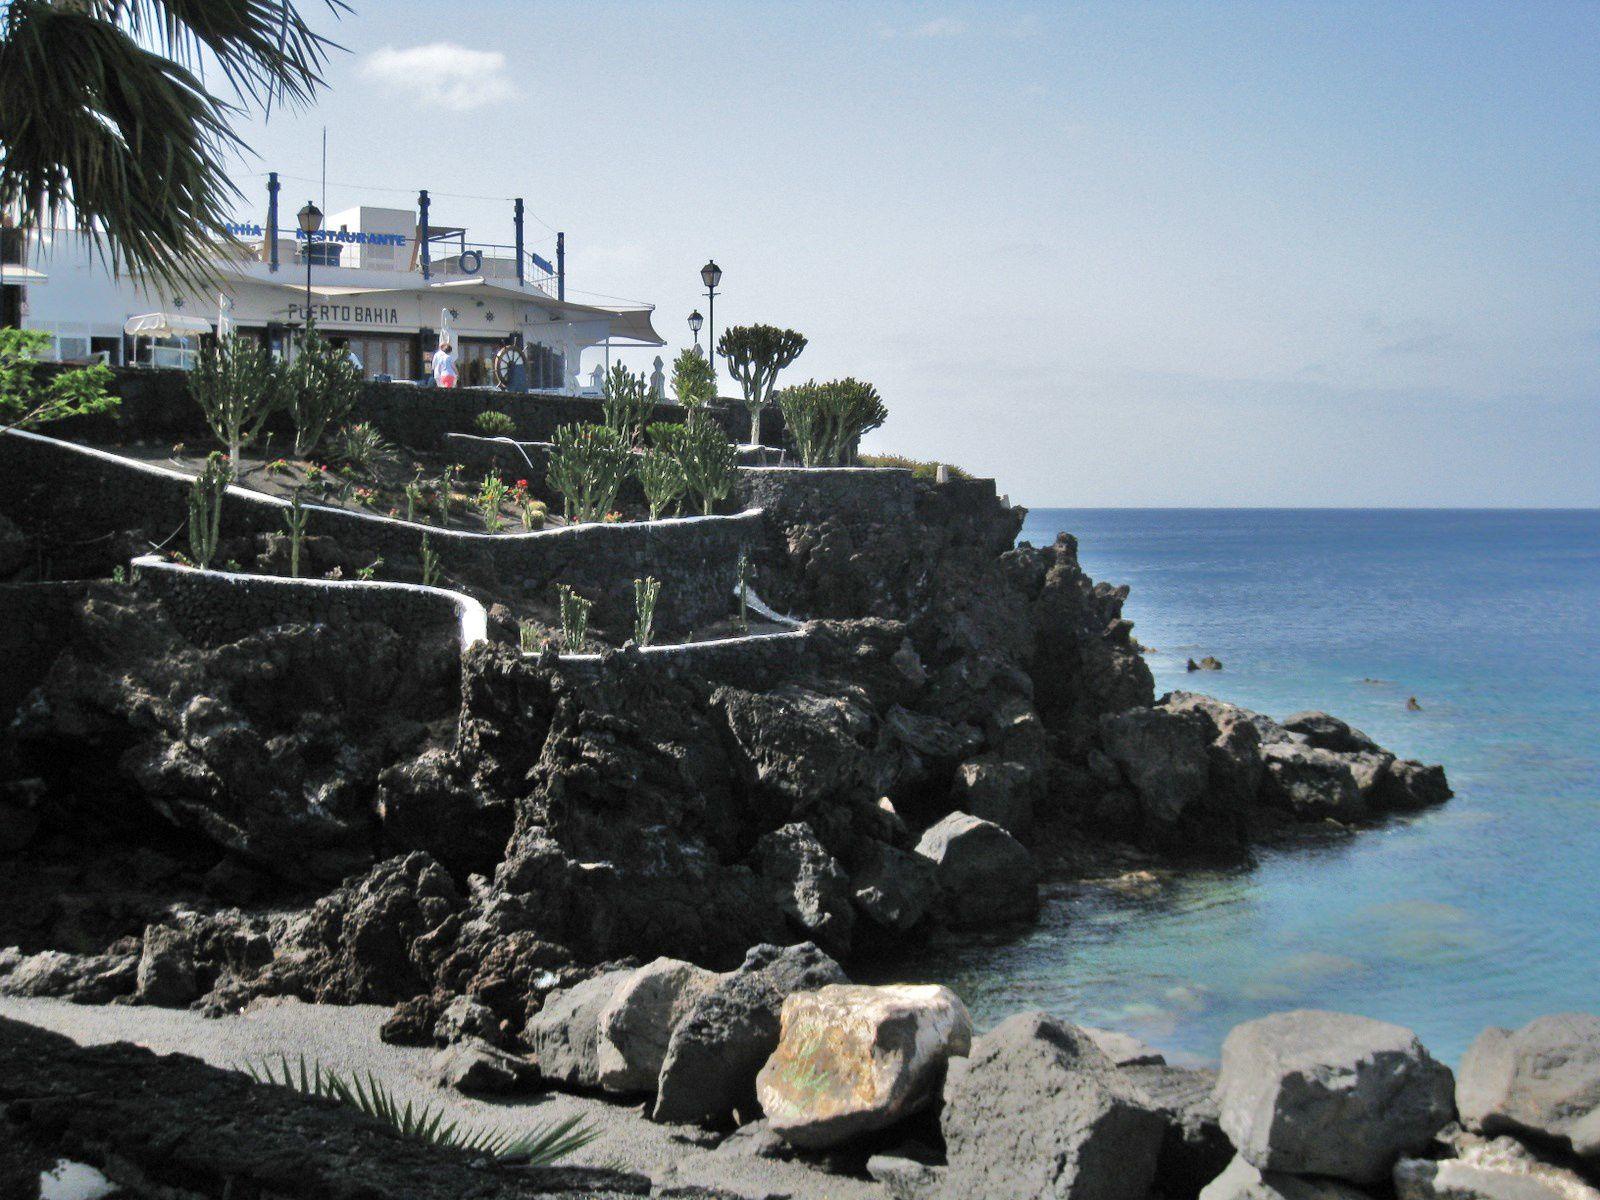 Vers le port de Puerto del Carmen, île de Lanzarote